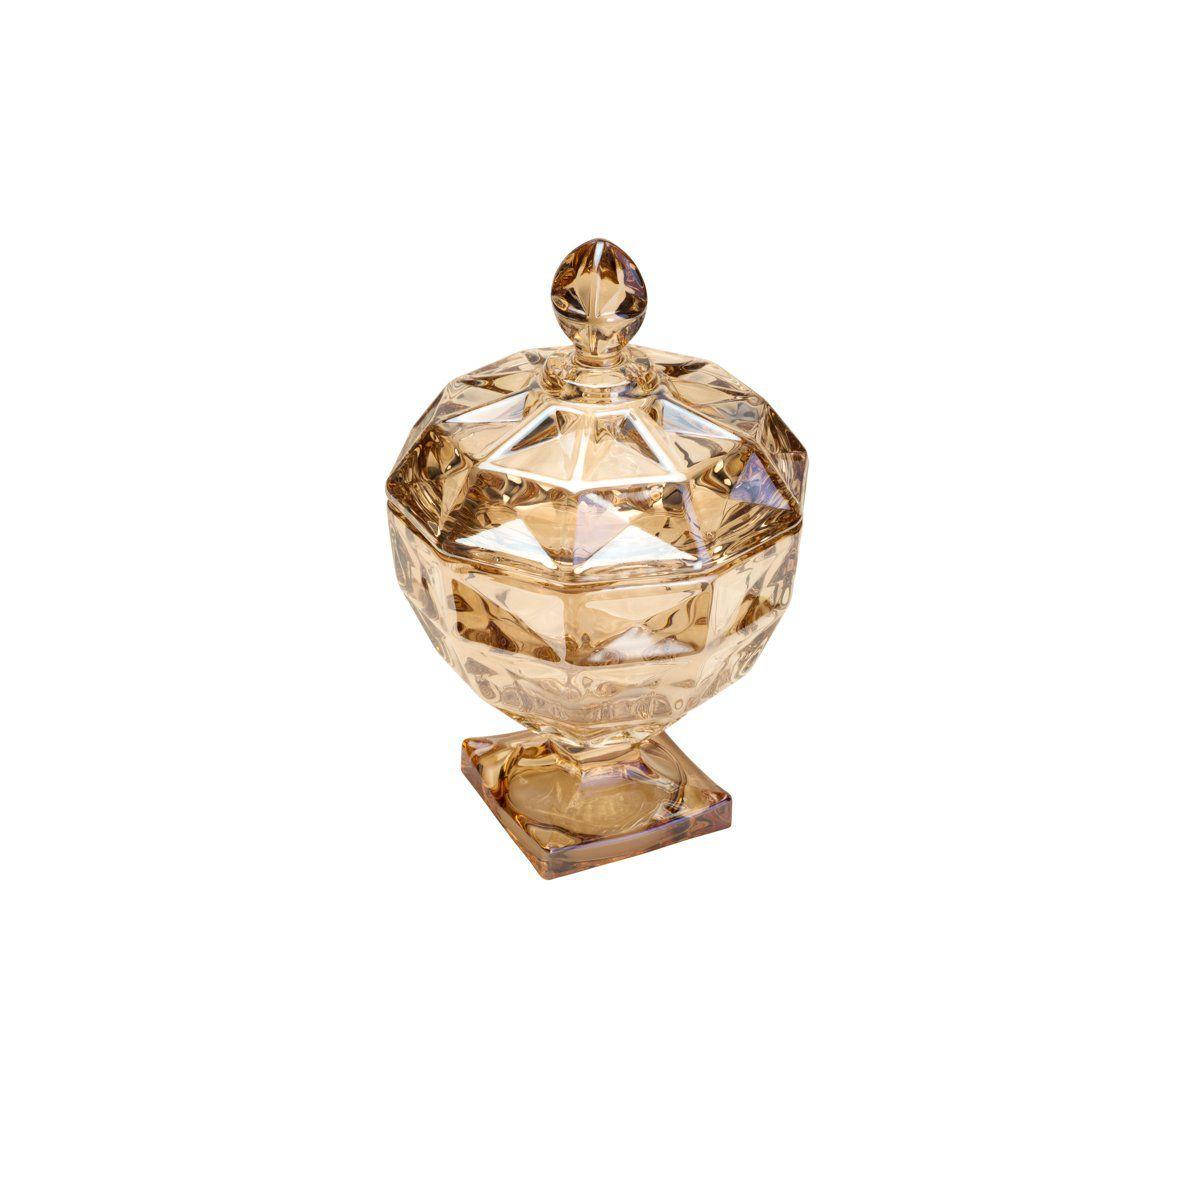 Bomboniere 14 cm de cristal âmbar com pé e tampa Diamant Wolff - 26061